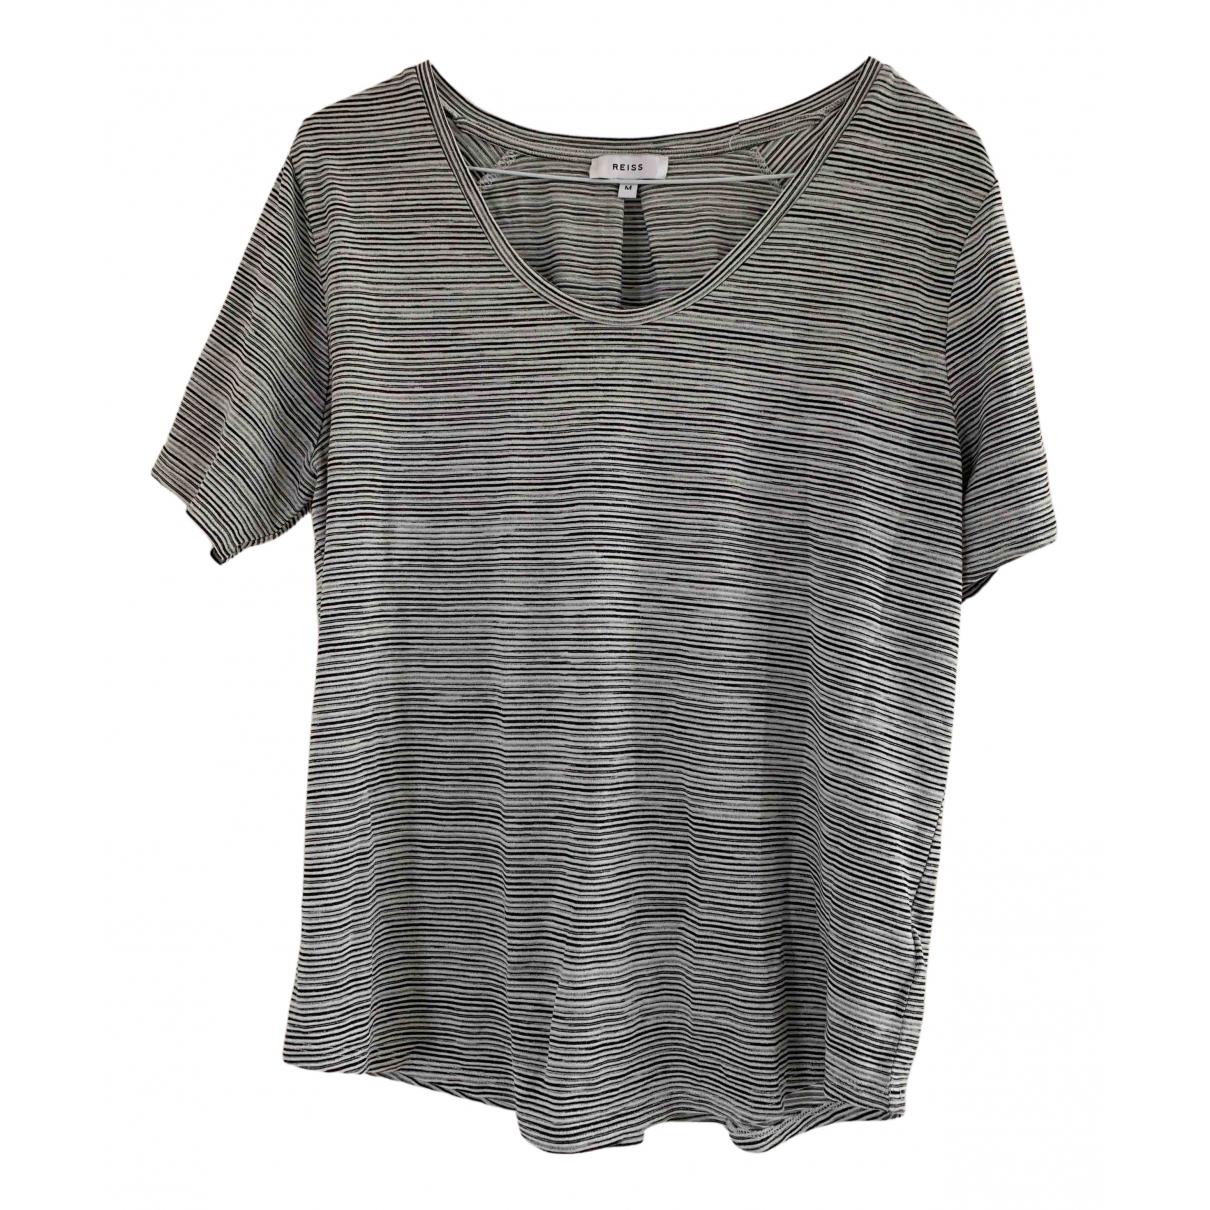 Reiss - Top   pour femme - gris